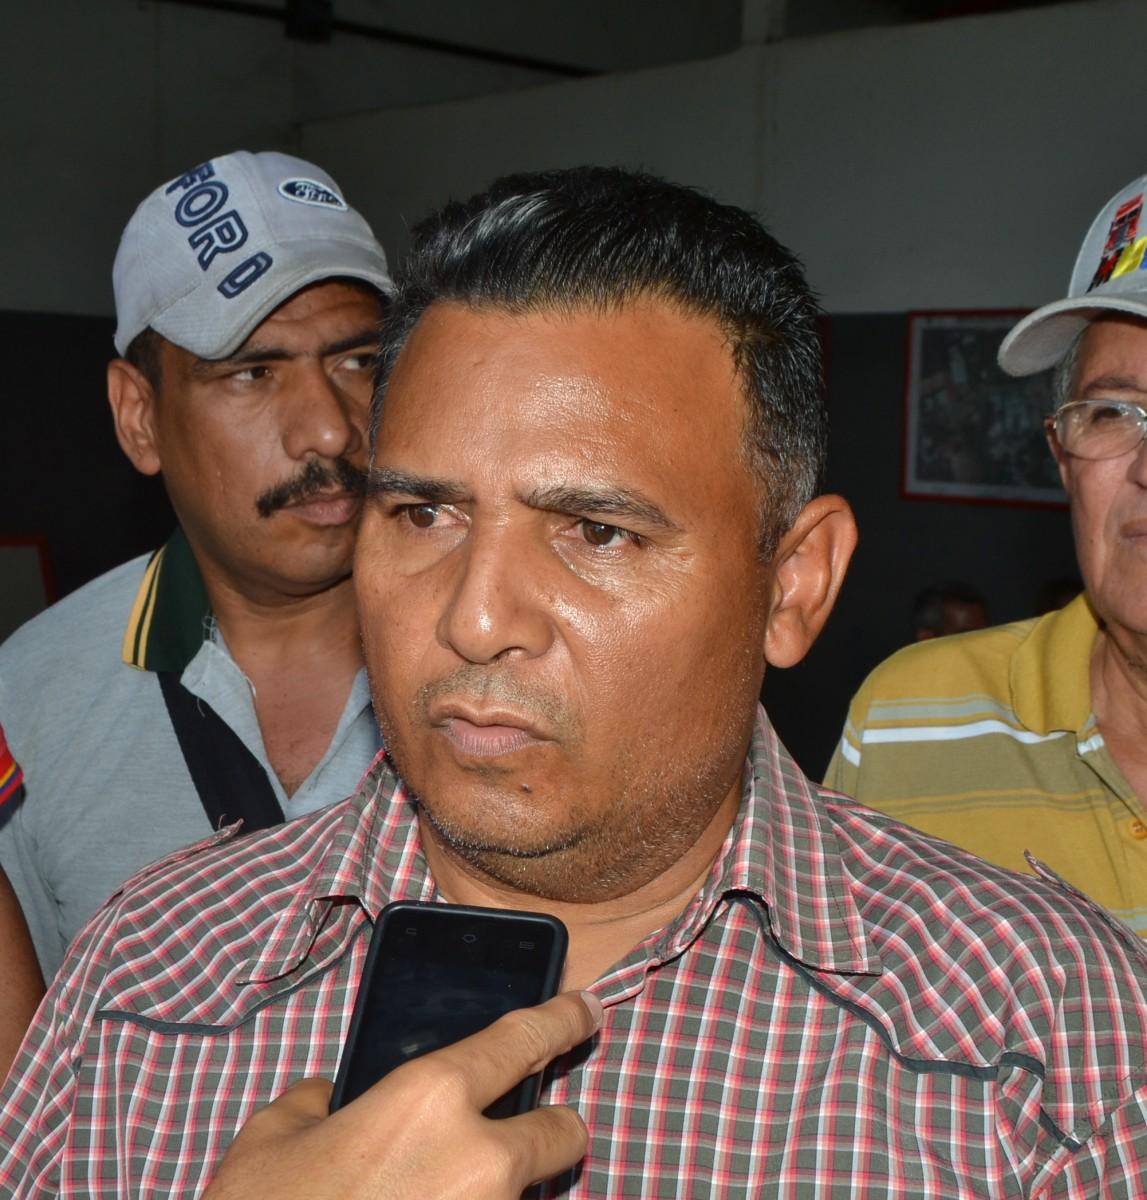 Eudes Orasma, presidente del Movimiento Bolivariano Sindical de Transportistas de Venezuela en Guárico